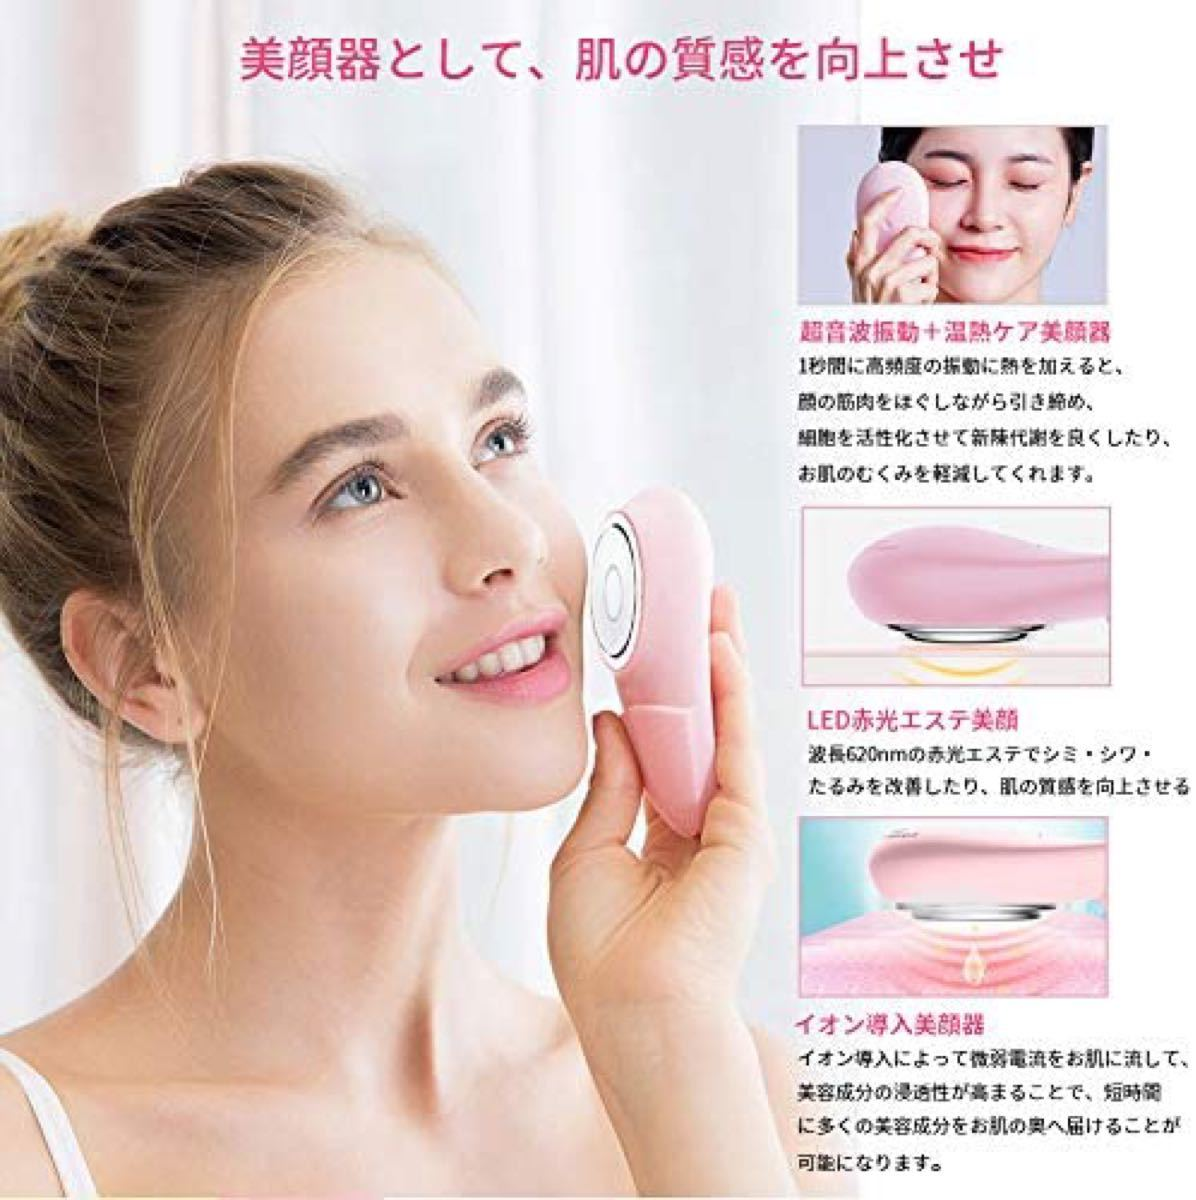 洗顔ブラシ 美顔器 顔マッサージ器 音波洗顔 イオン導入 温熱ケア 振動力7段階